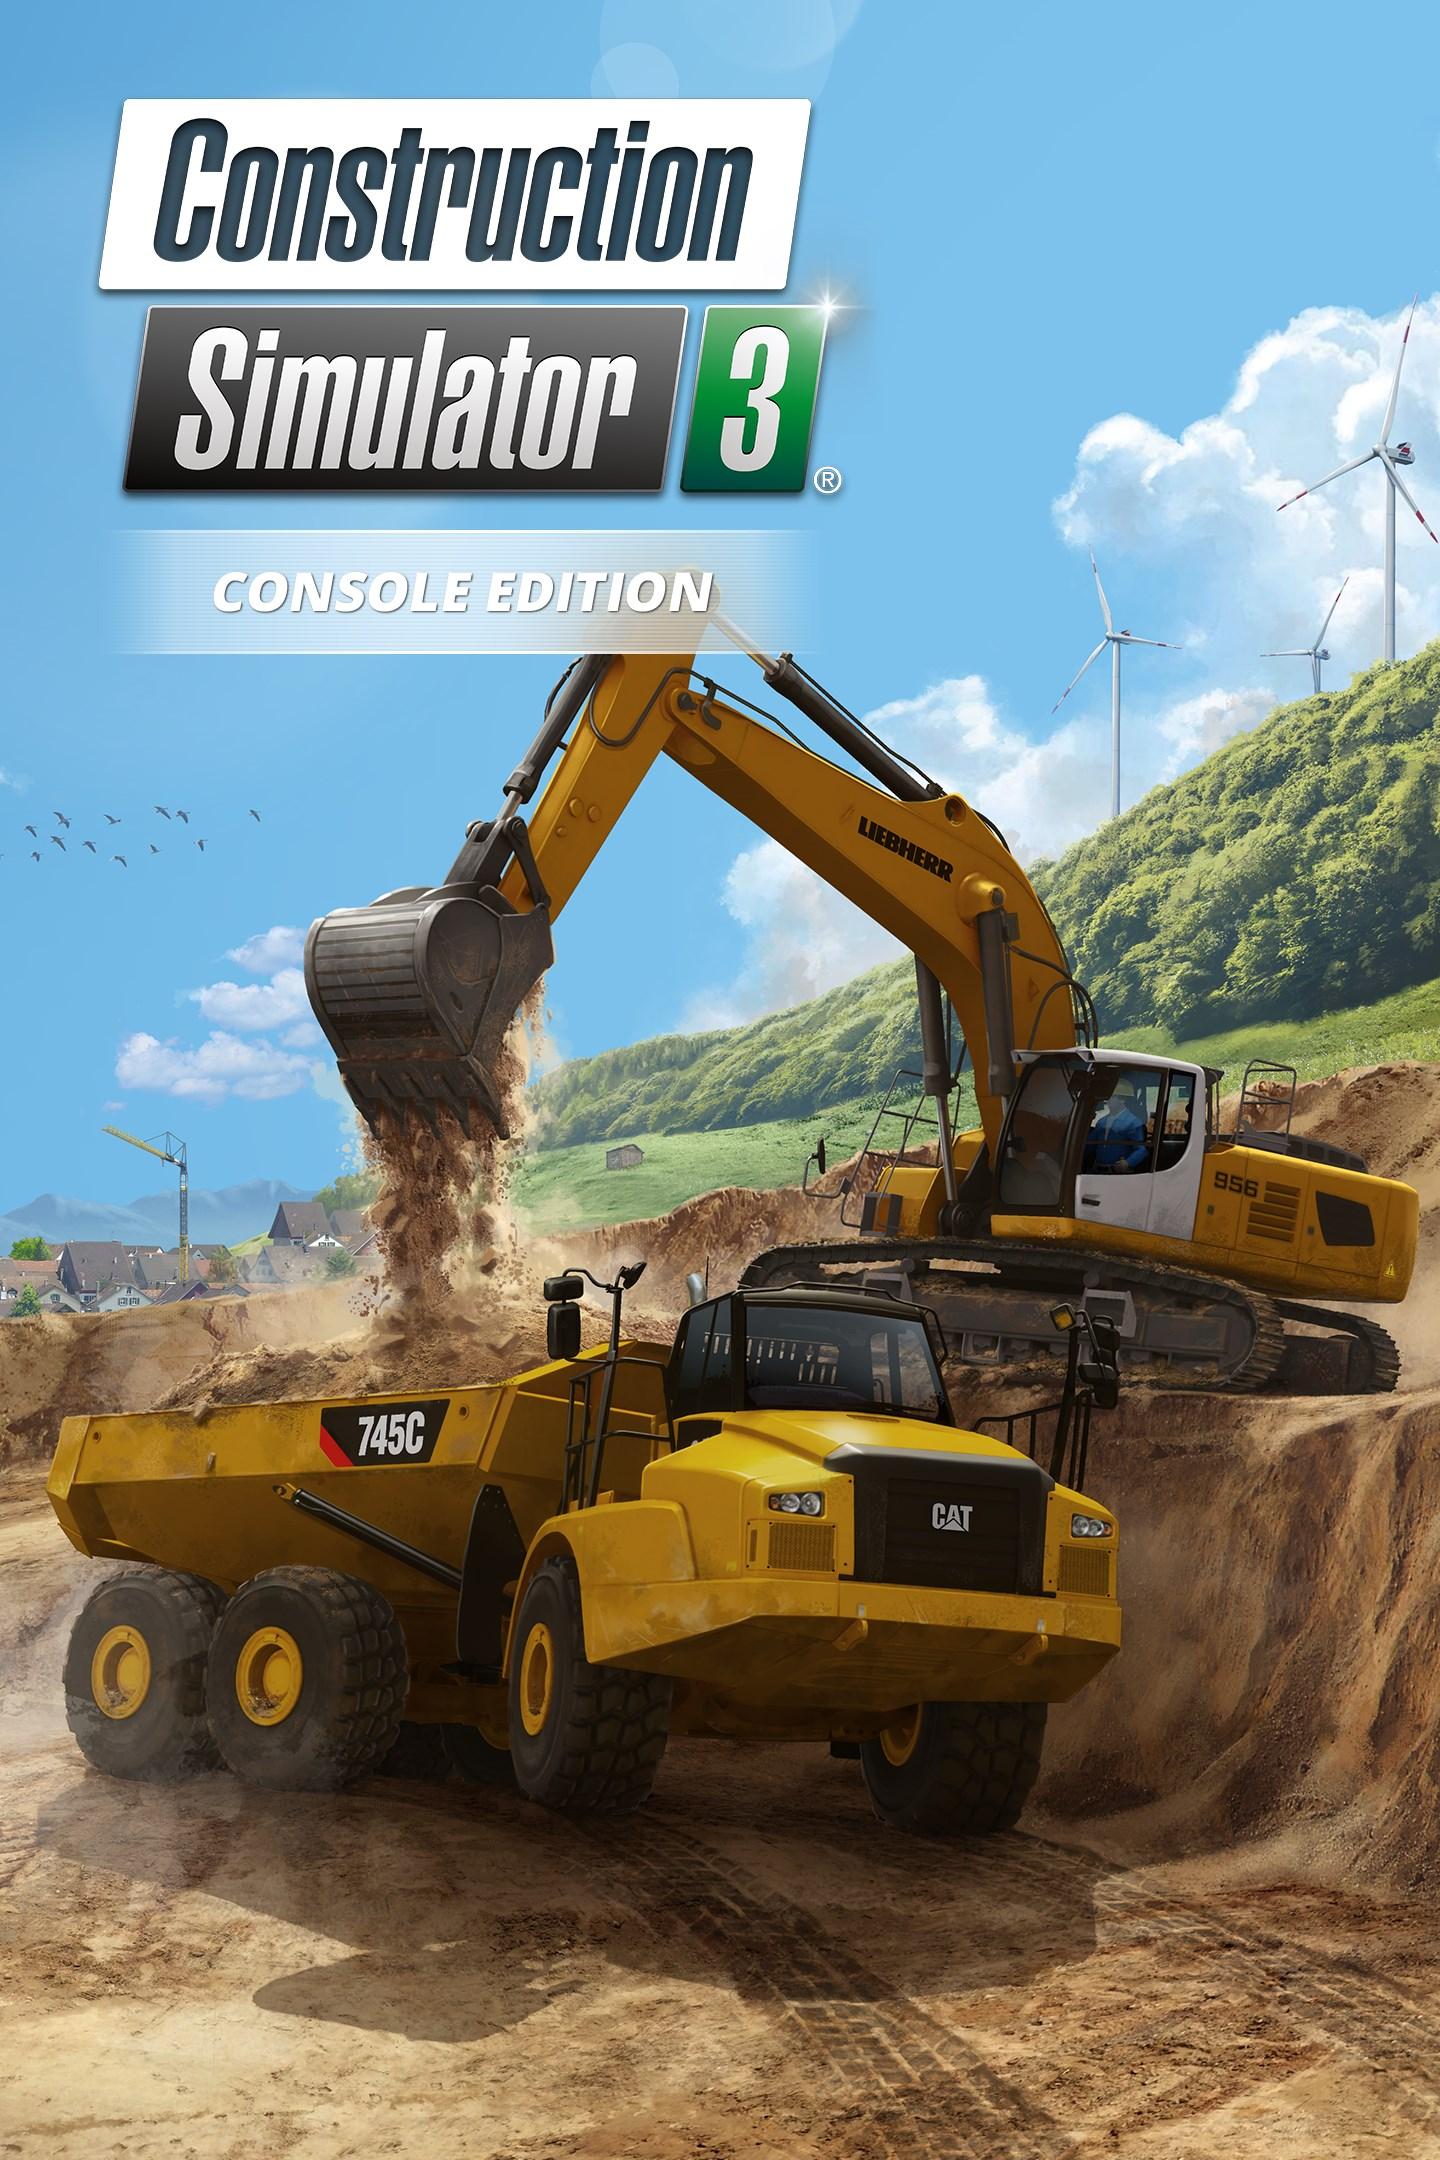 Construction Simulator 3 Pc : construction, simulator, Construction, Simulator, Console, Edition, Microsoft, Store, En-IN